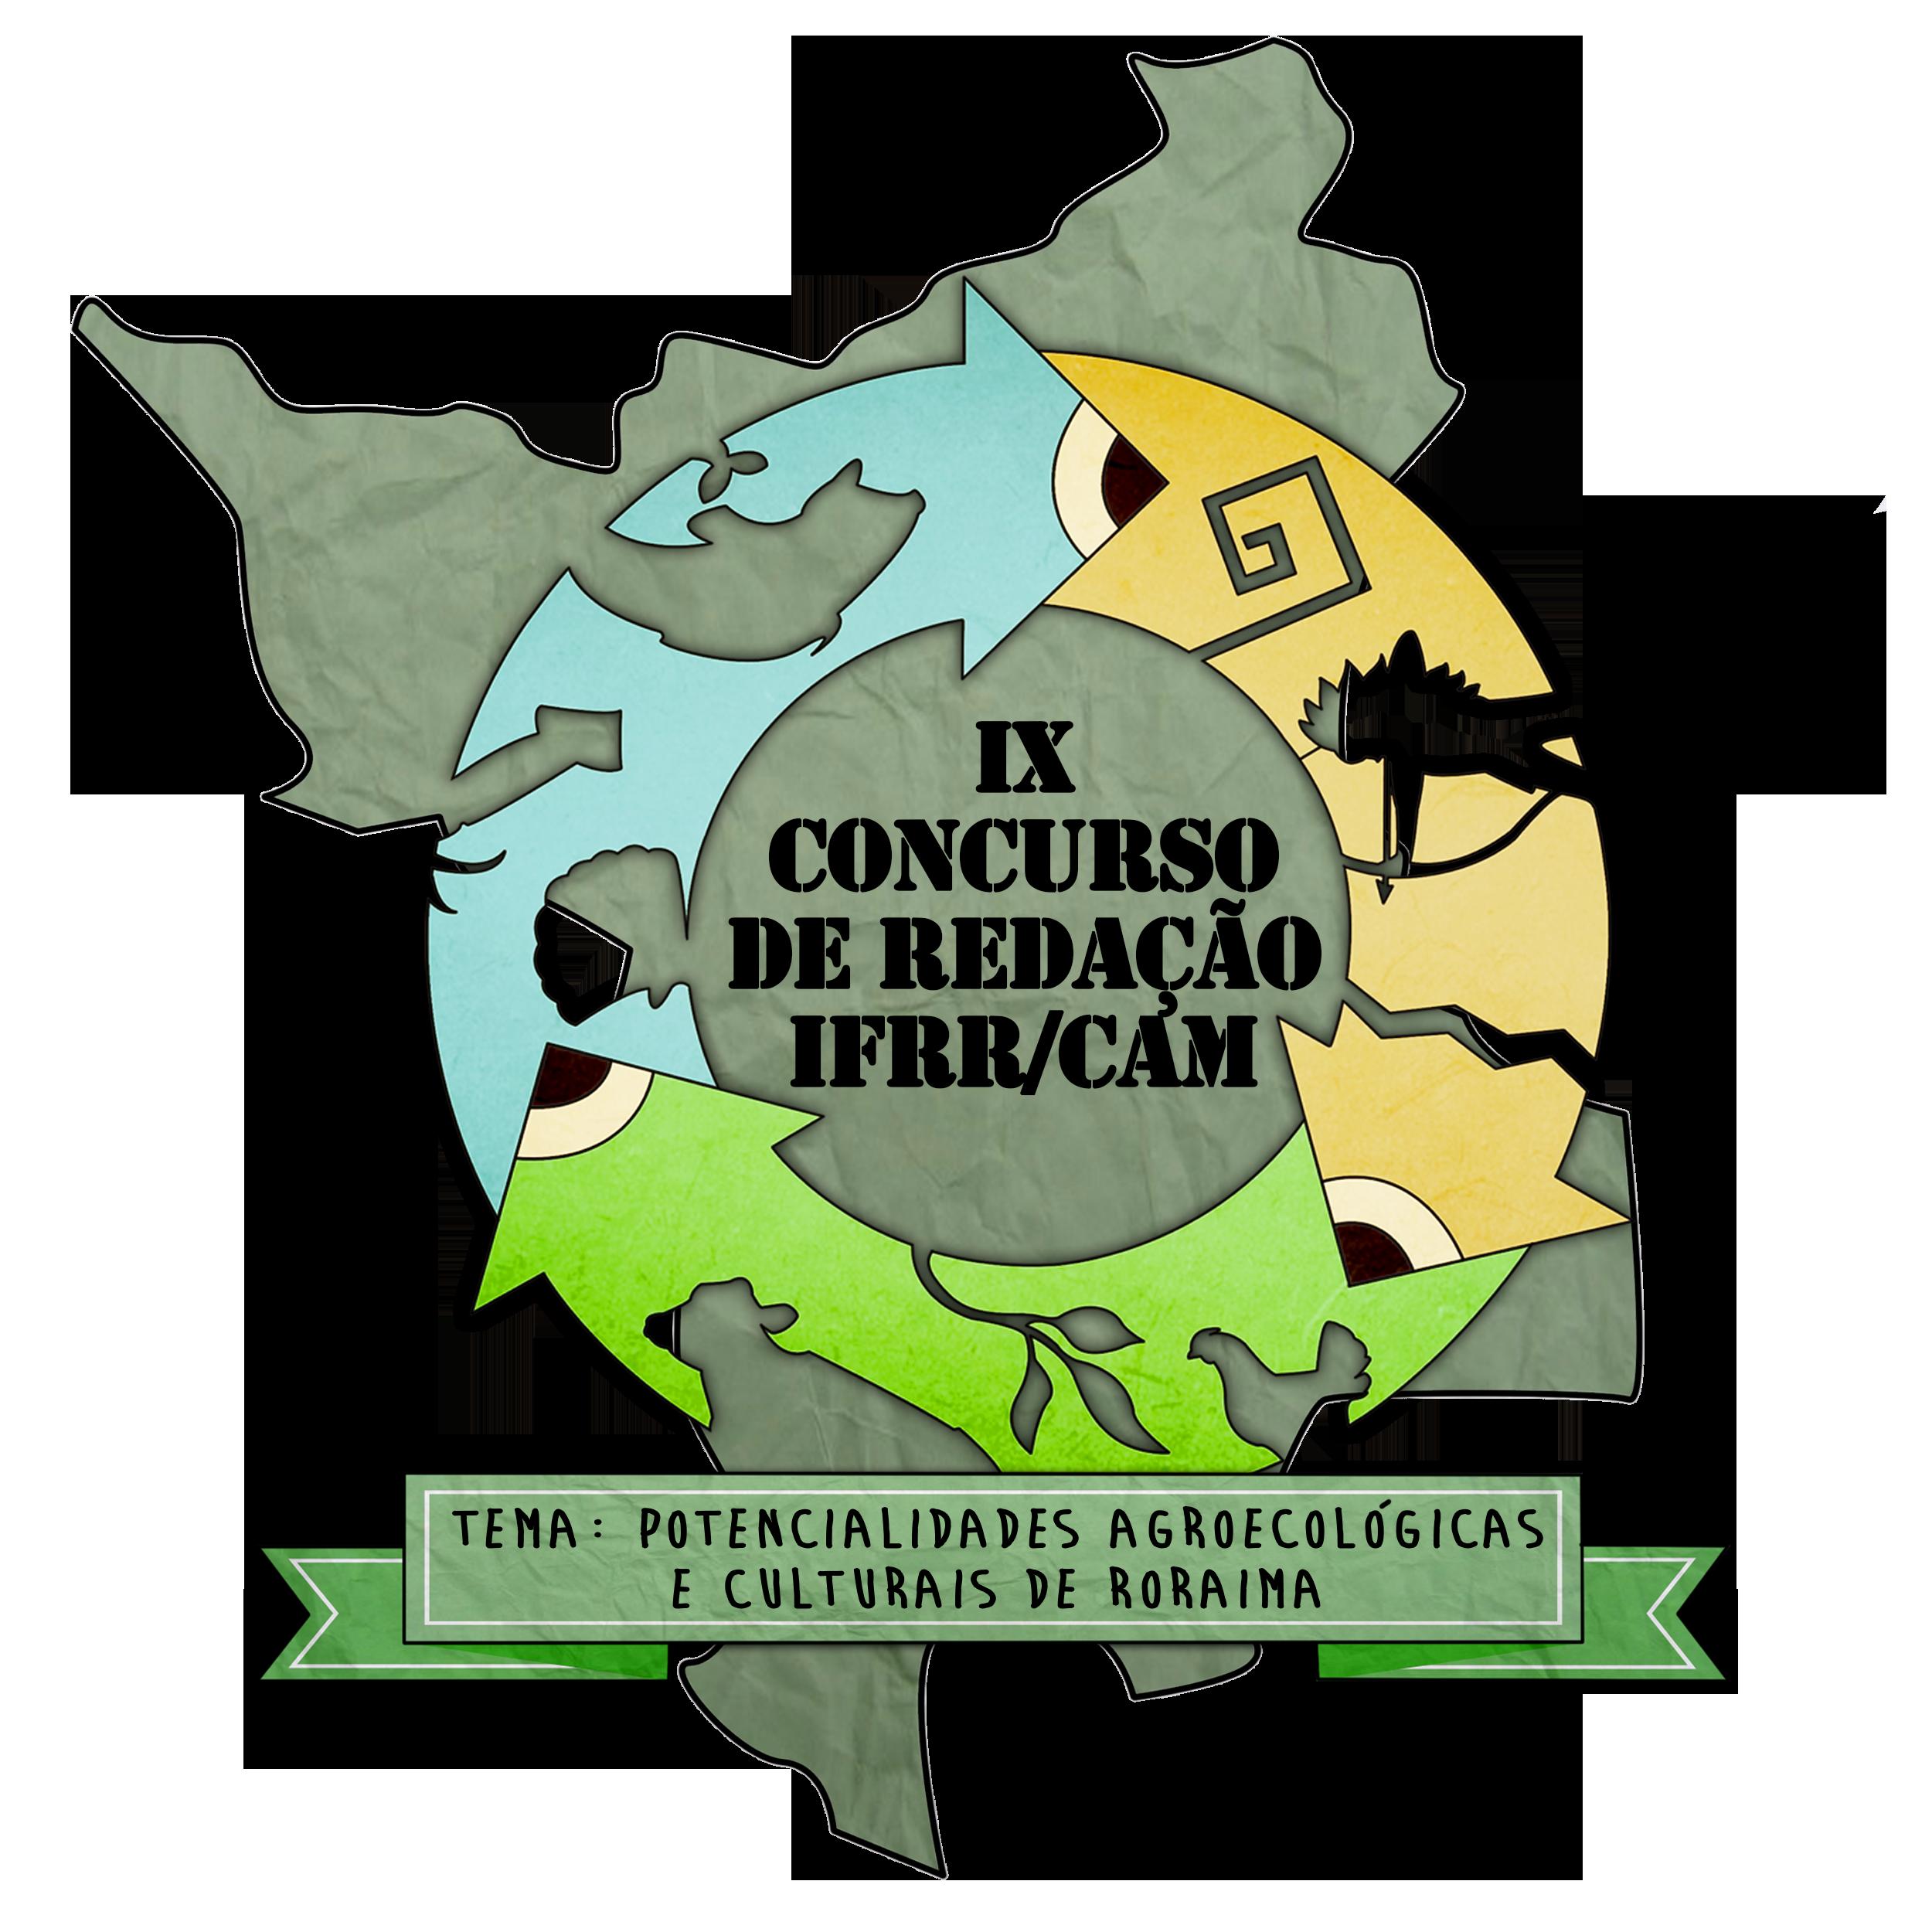 Campus Amajari promove IX Concurso de Redação